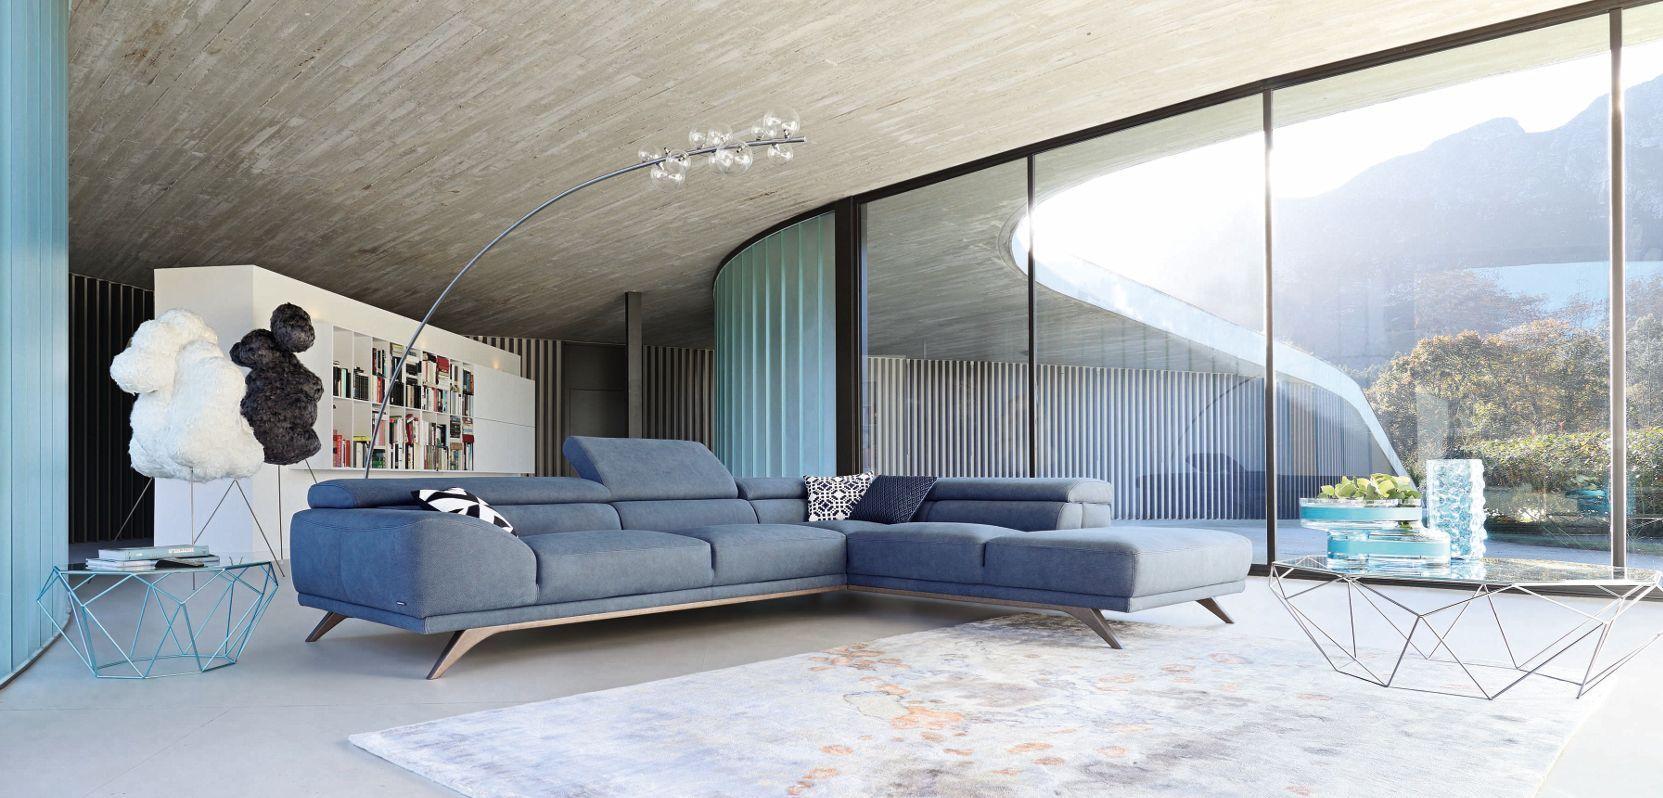 Sofas Roche Bobois Precios Roche Bobois Sofa Large Size Of  # Muebles Roche Bobois